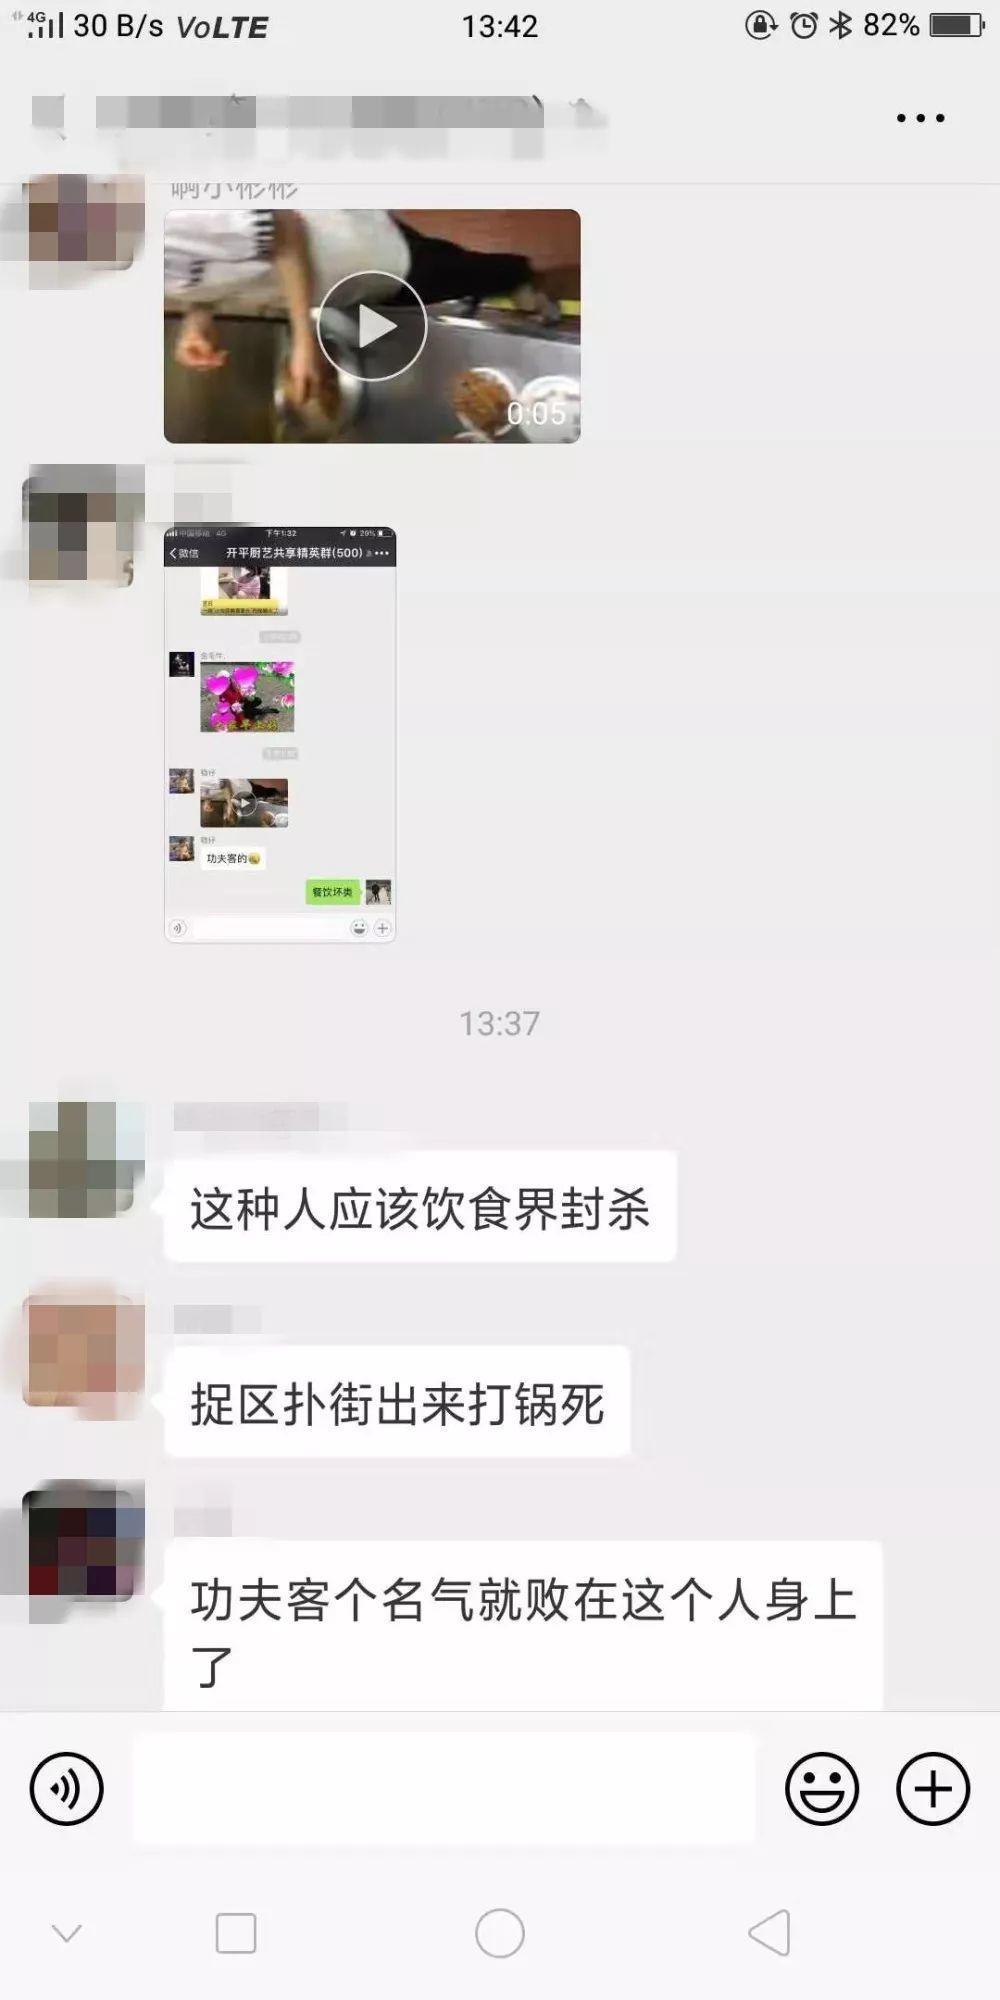 呢个人渣出名咯!一夜之间传爆广东朋友圈,全网人刮紧佢…插图12